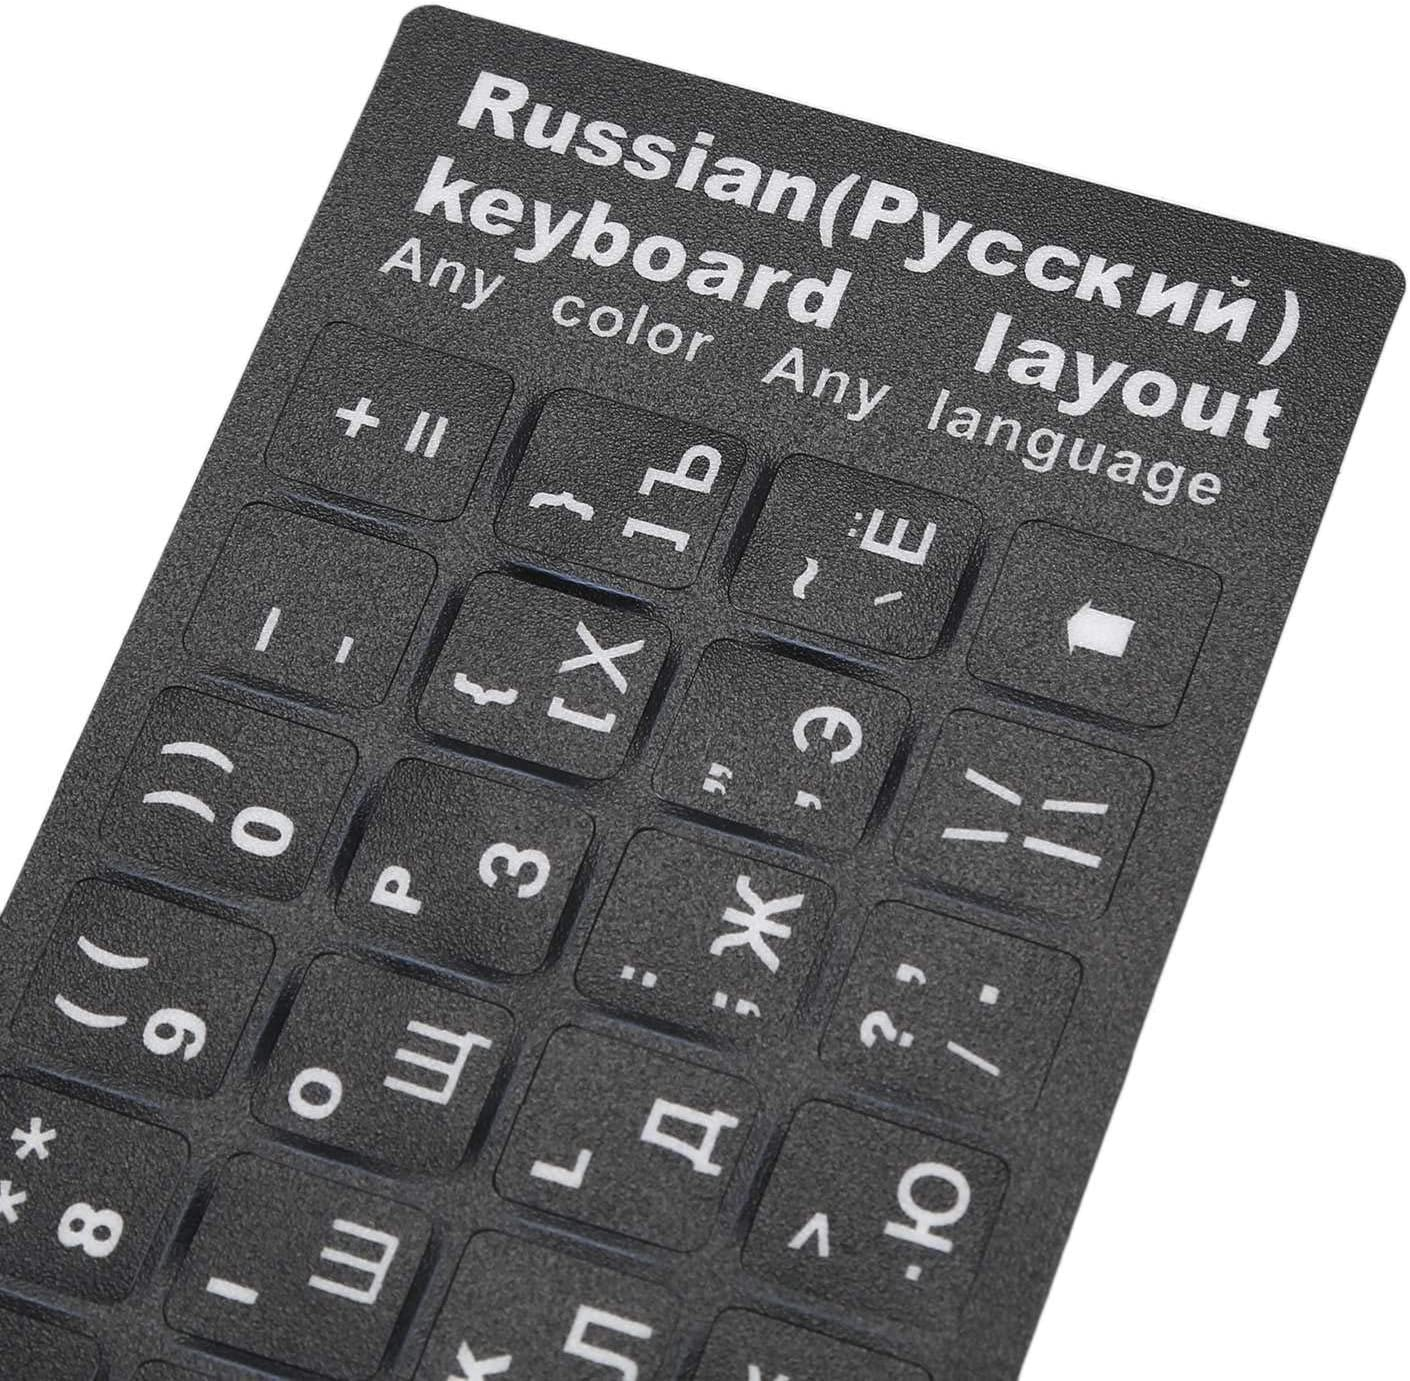 Dasorende Etiqueta Rusa del Teclado de Las Letras para la Computadora Port/áTil de la Computadora de Escritorio del Ordenador Port/áTil Cubre el Teclado Rusia Etiqueta